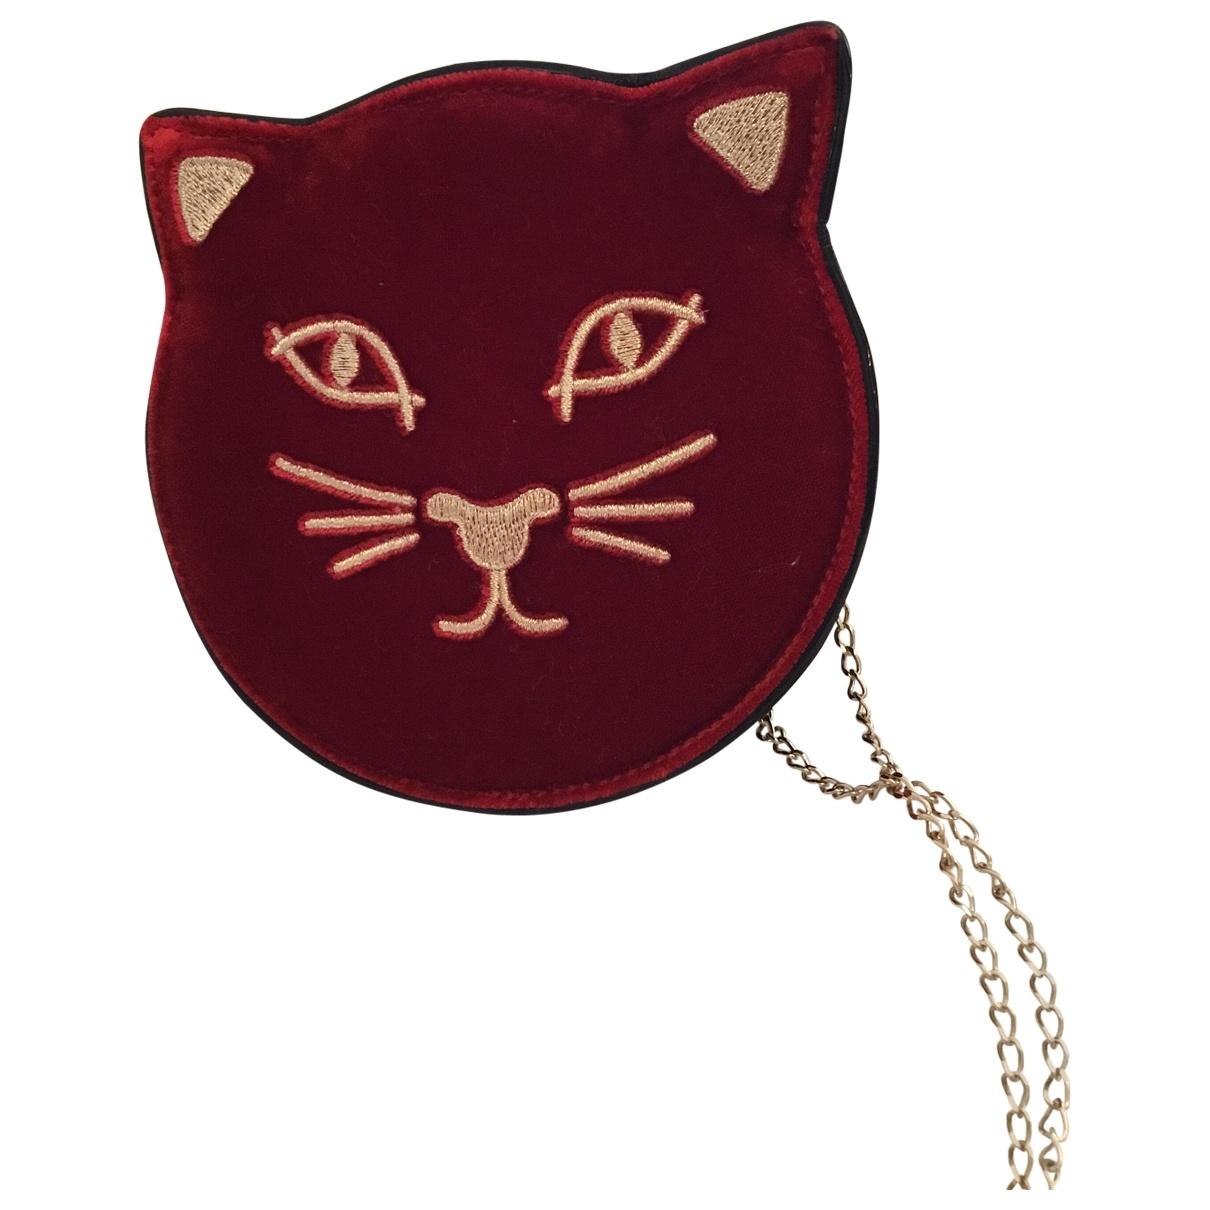 Charlotte Olympia \N Red Velvet handbag for Women \N